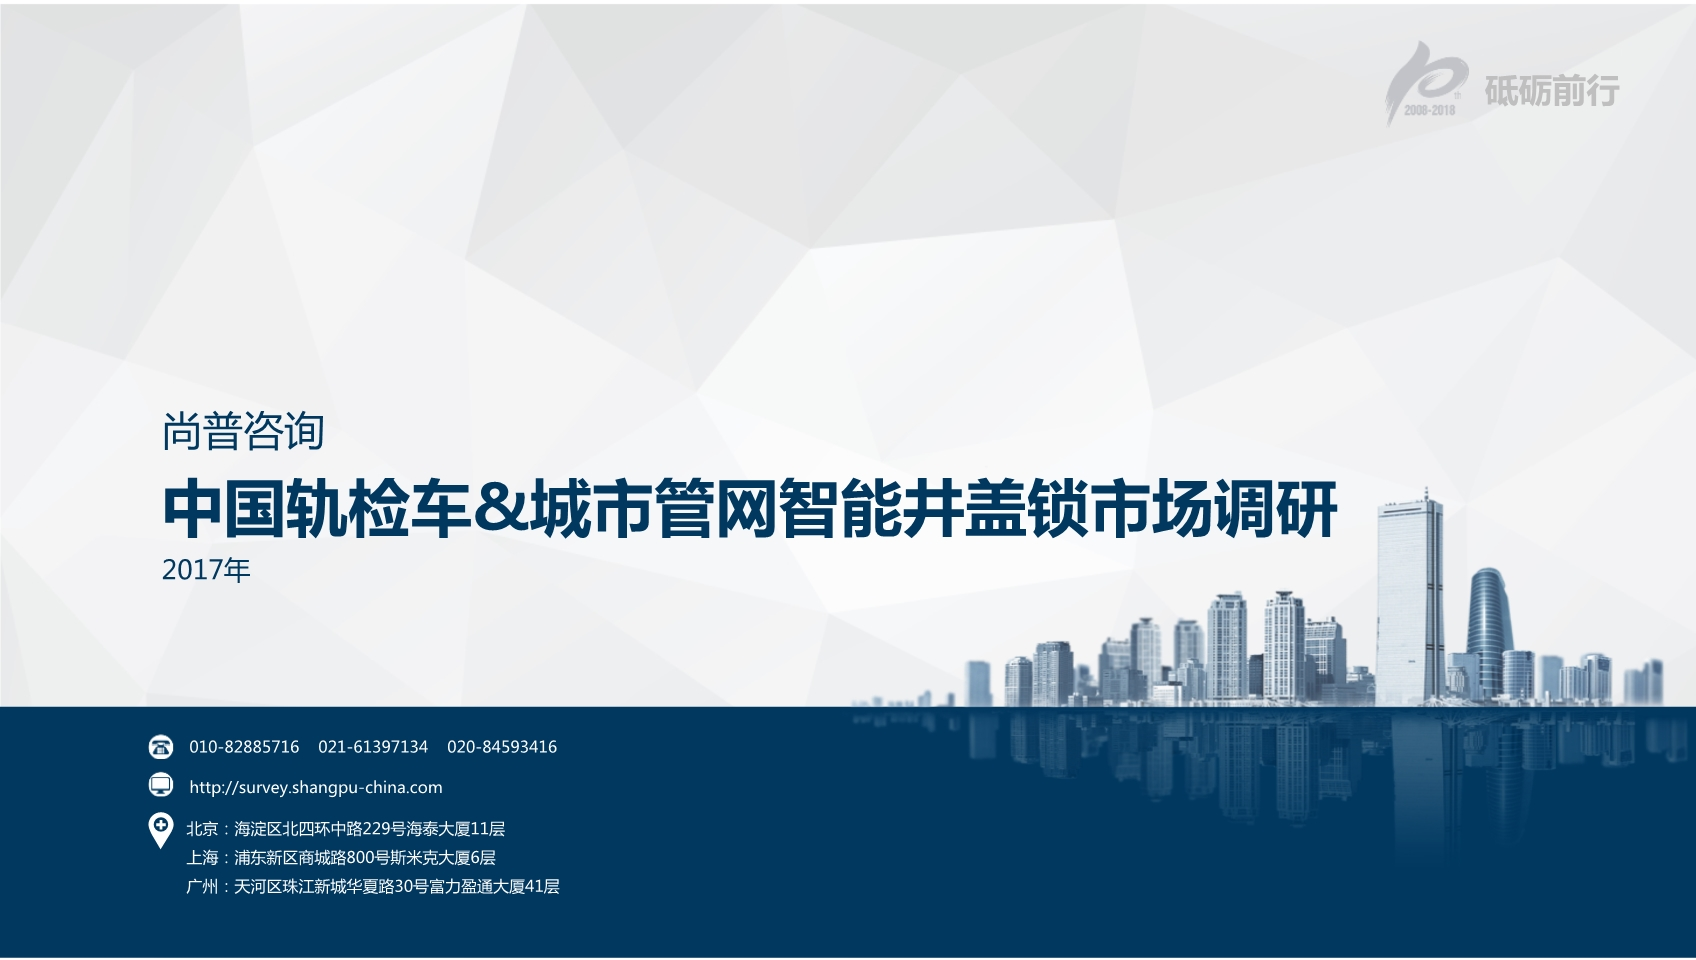 尚普咨询-中国轨检车&城市管网智能井盖锁市场调研